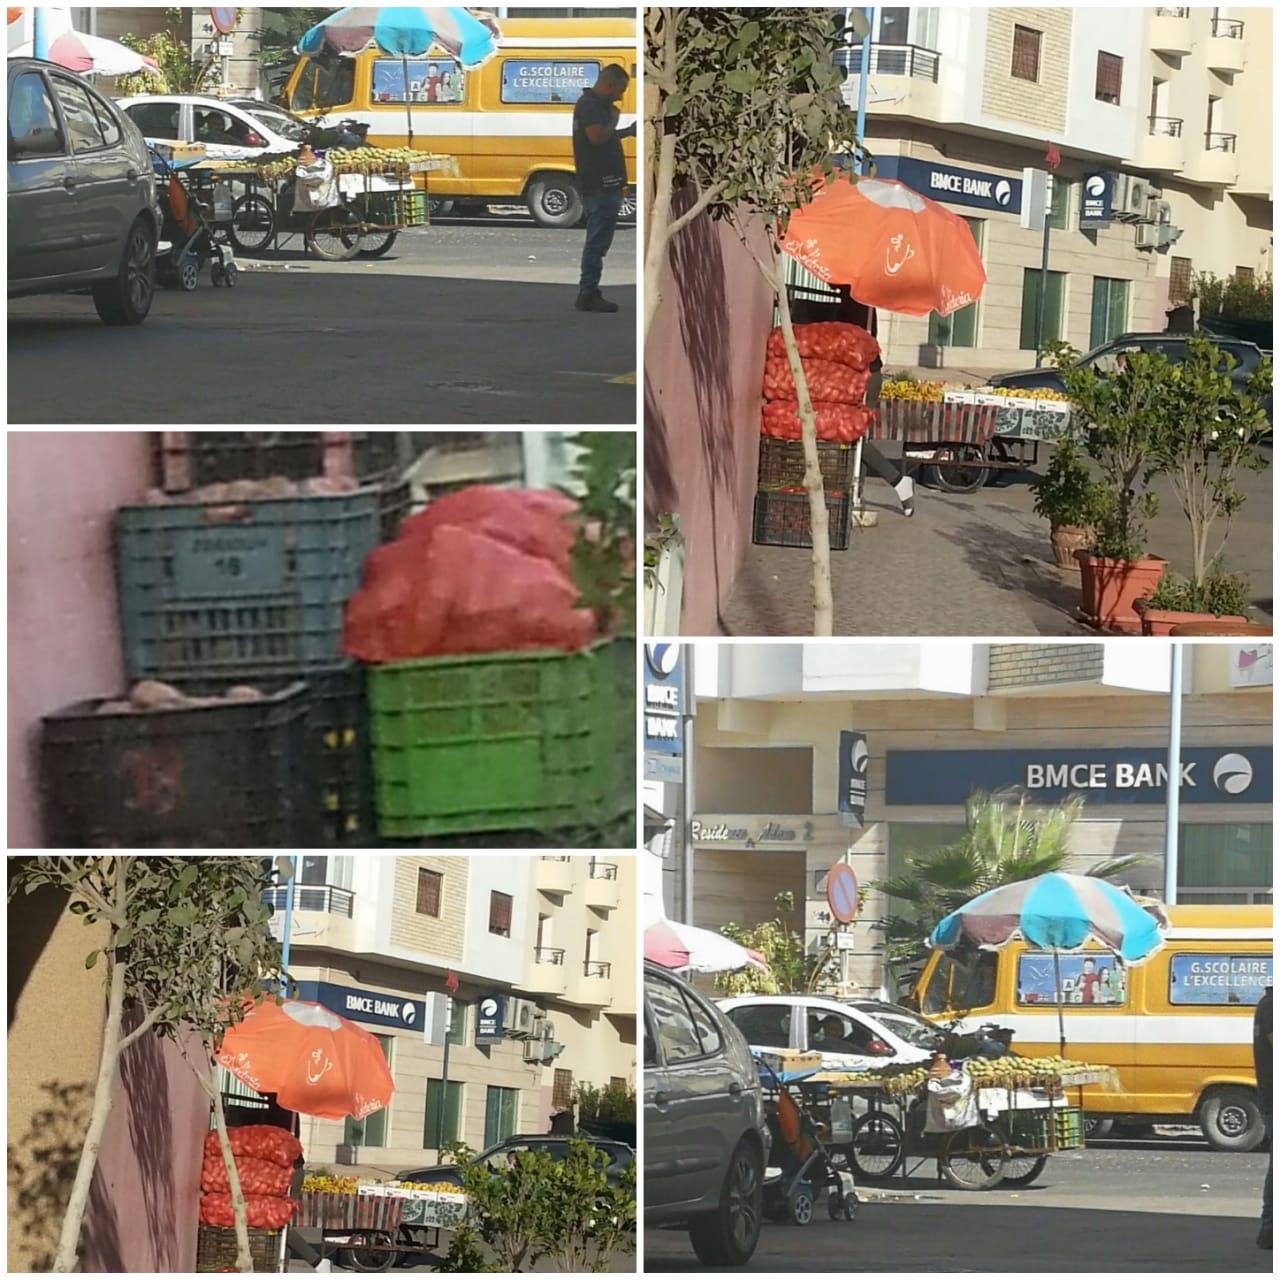 استفحال ظاهرة الباعة المتجولين بمدارة حب لملوك وحي الشهدة يثير استياء ساكنة حي ملك الشيخ بالجديدة